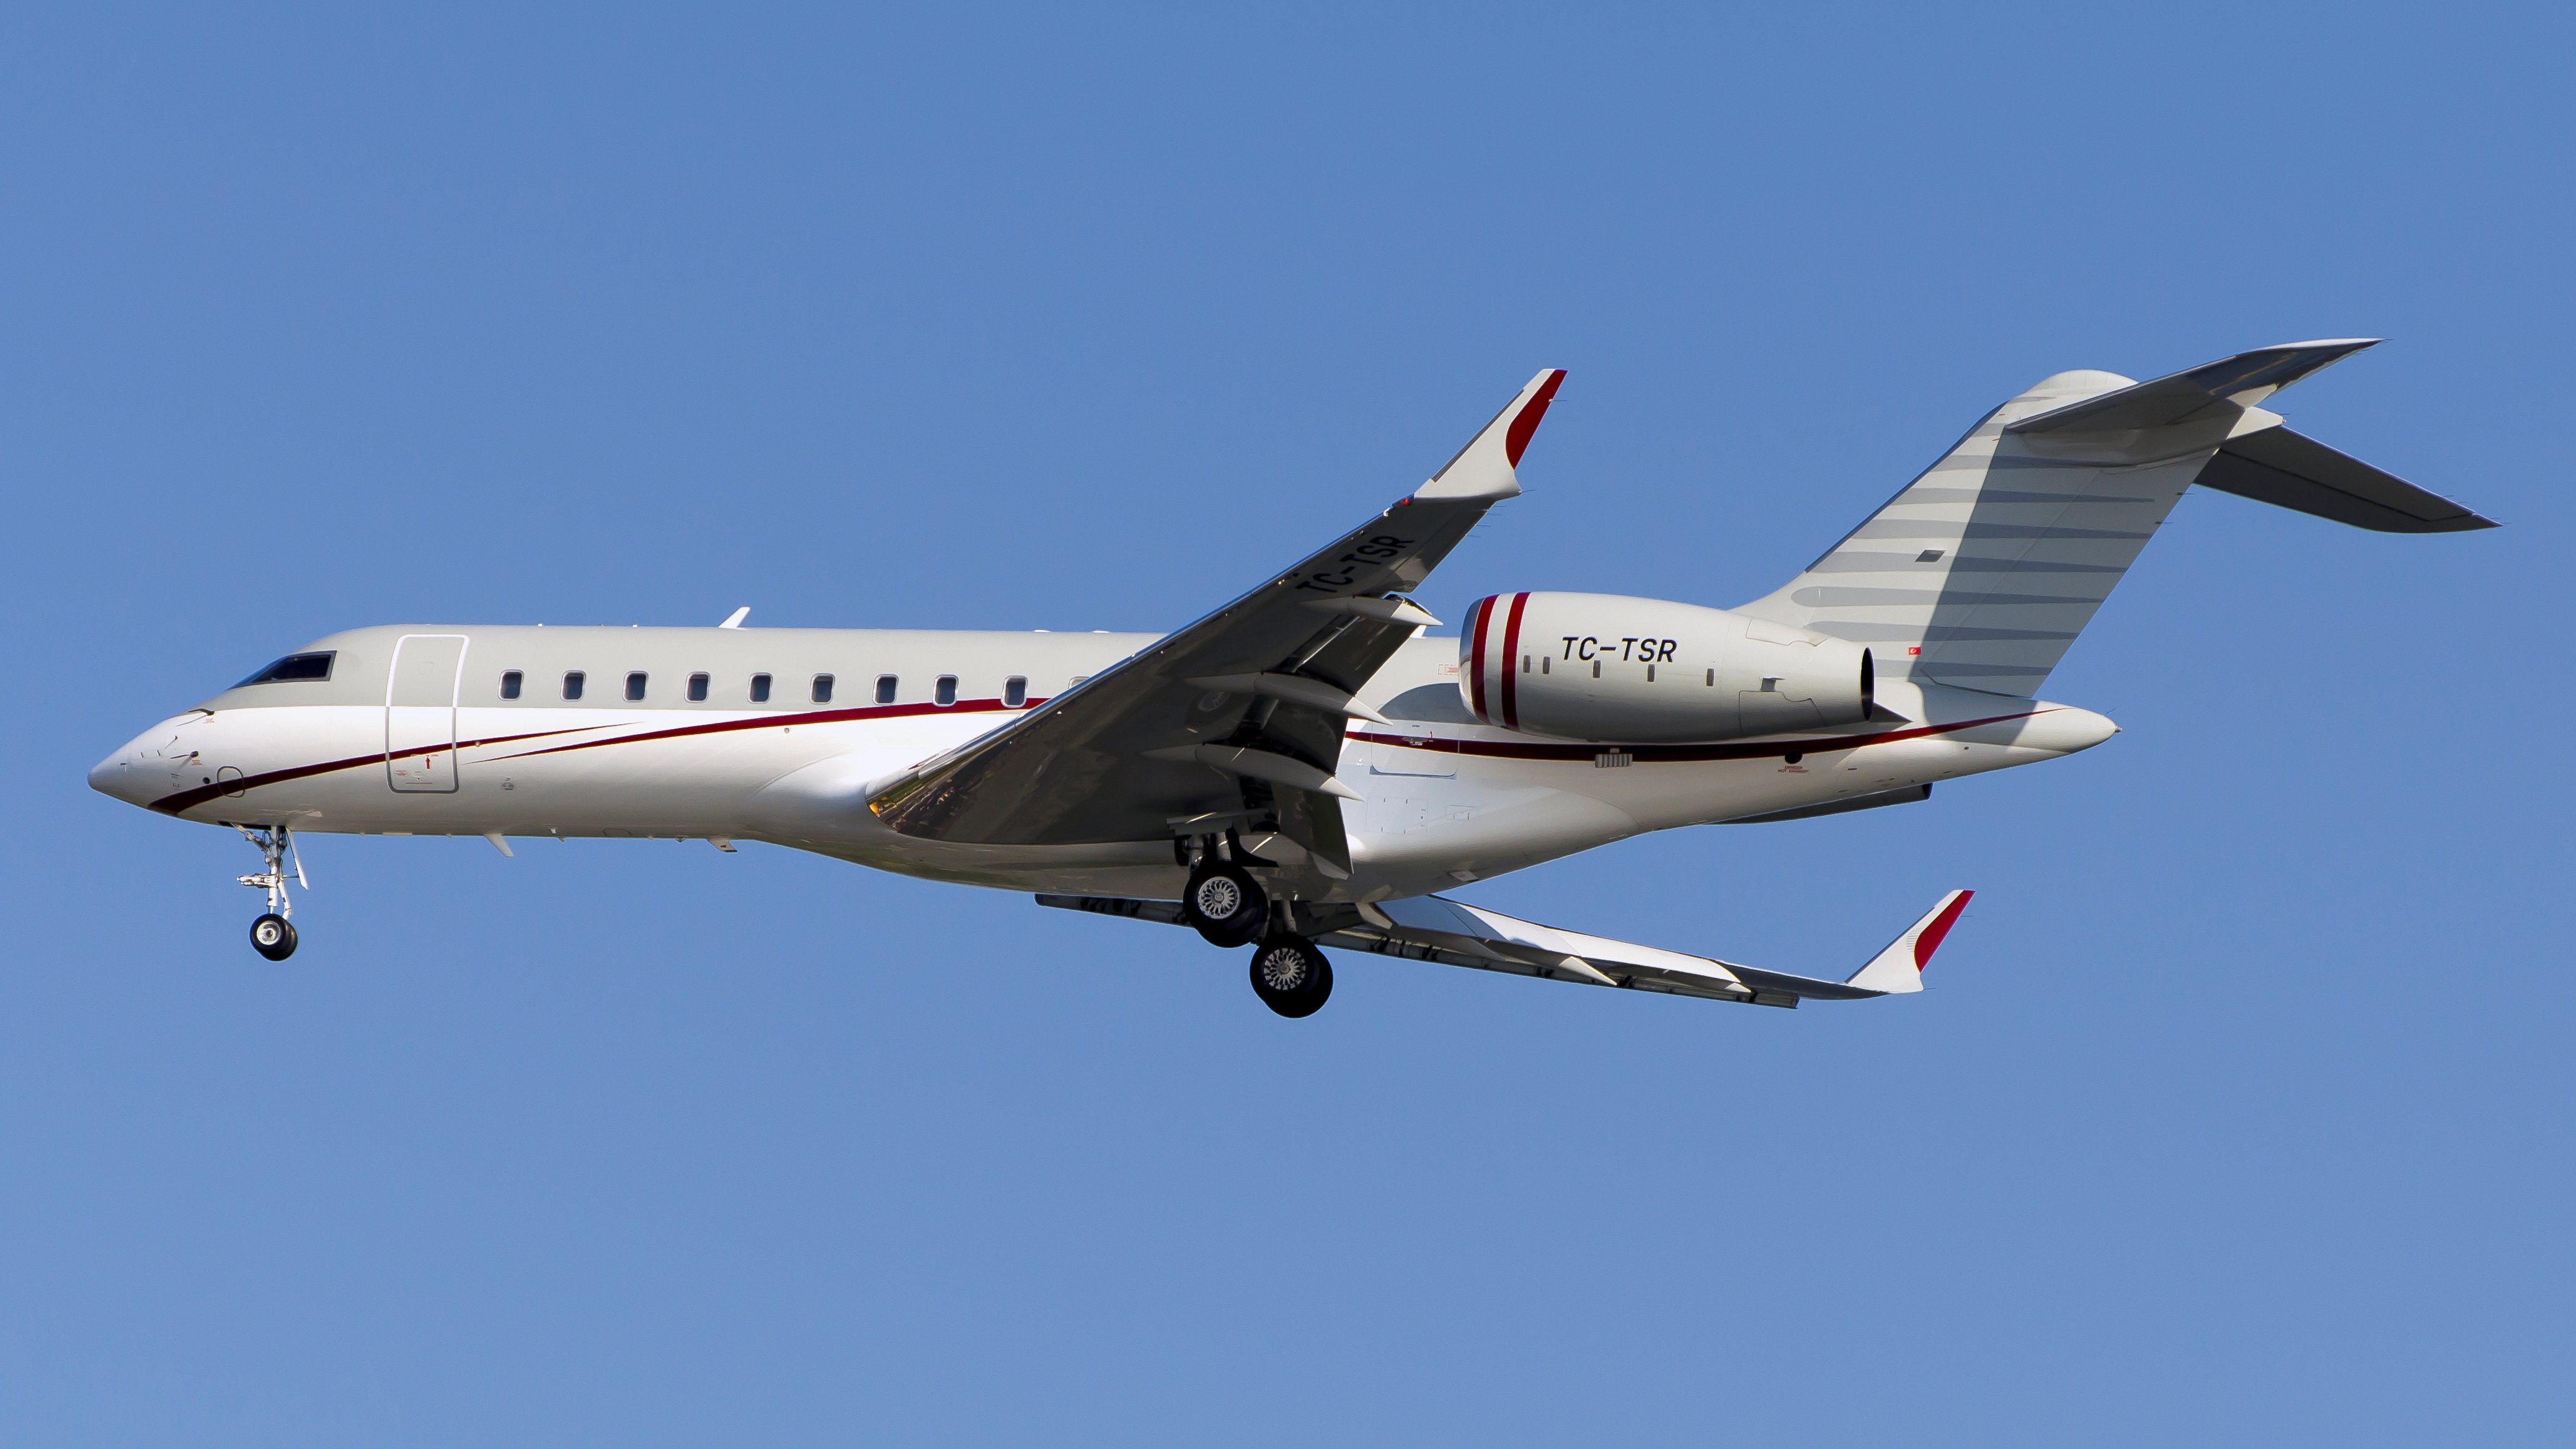 الطائرة التي تم استئجارها لتهريب غصن من اليابان